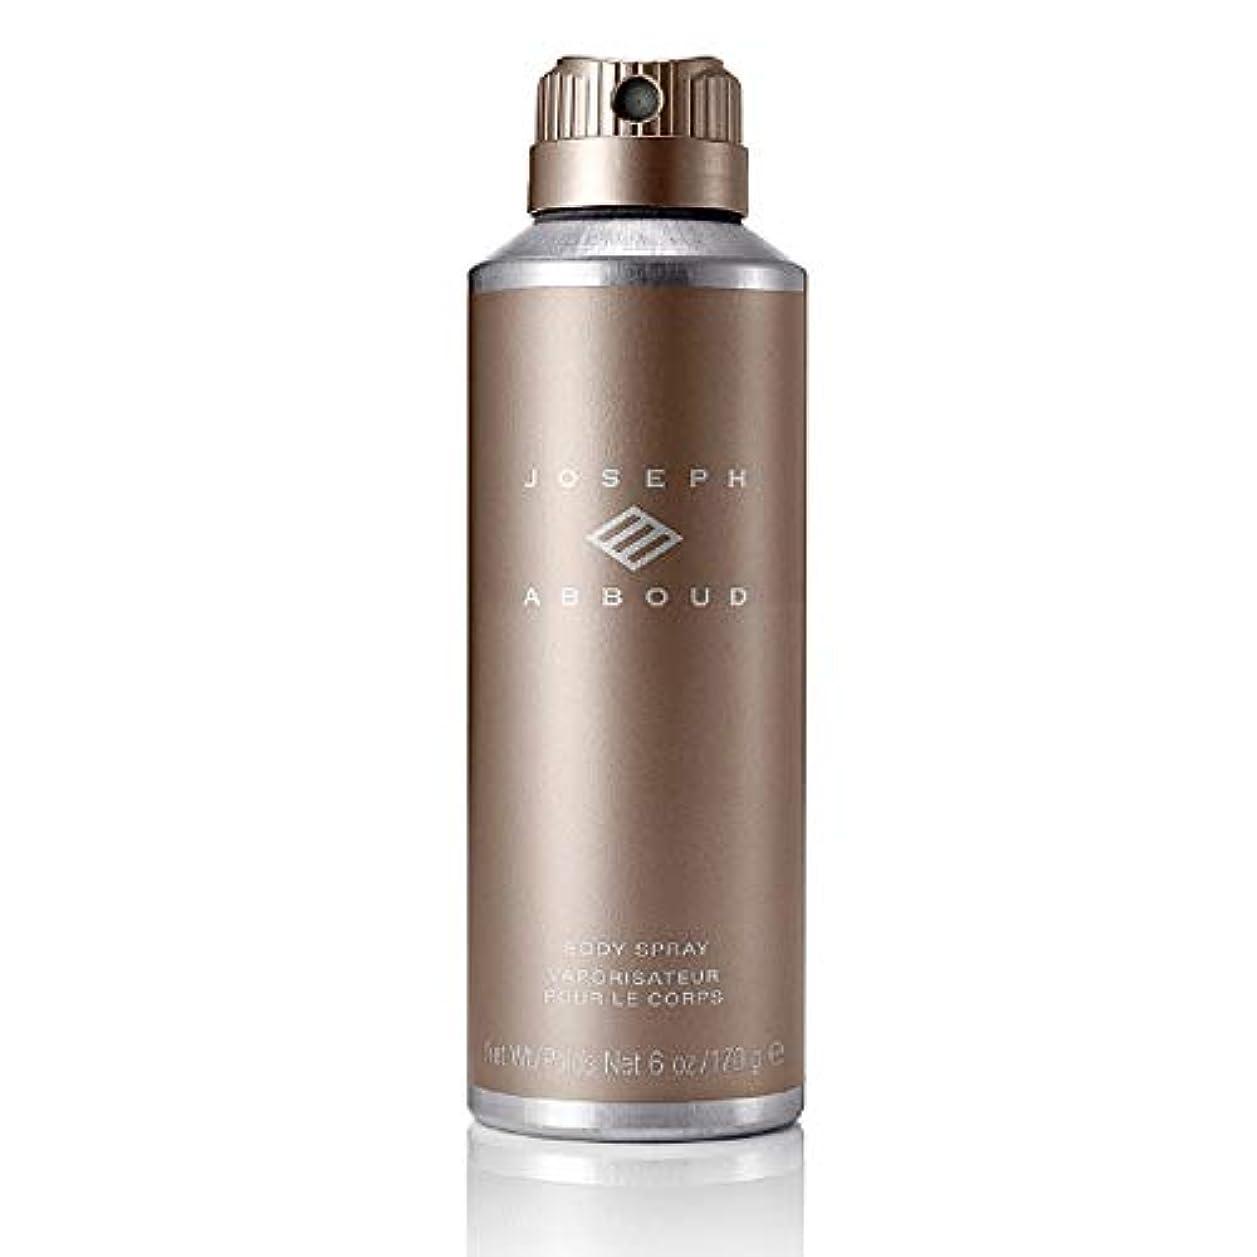 代わりの絞る死んでいるJoseph Abboud ボディスプレー - 男性のための洗練された、官能的なフレグランス香水 - 大胆な男性の香り - フレッシュシトラス。竹、ラベンダー、ゼラニウム、セージ - 6オズ